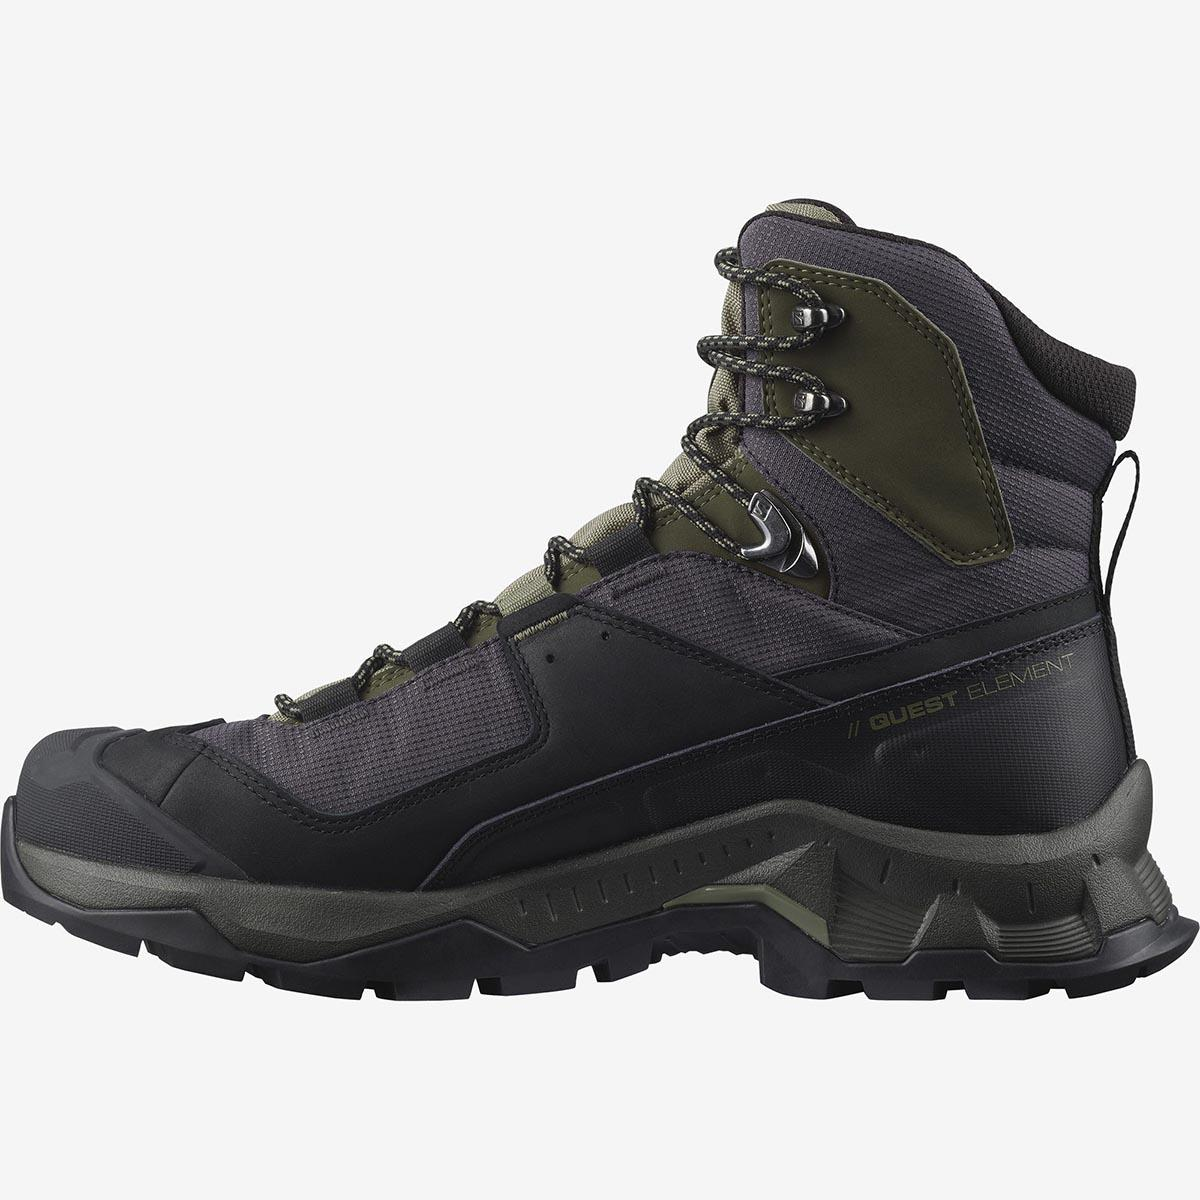 Salomon QUEST ELEMENT GTX Erkek Ayakkabısı L41457100